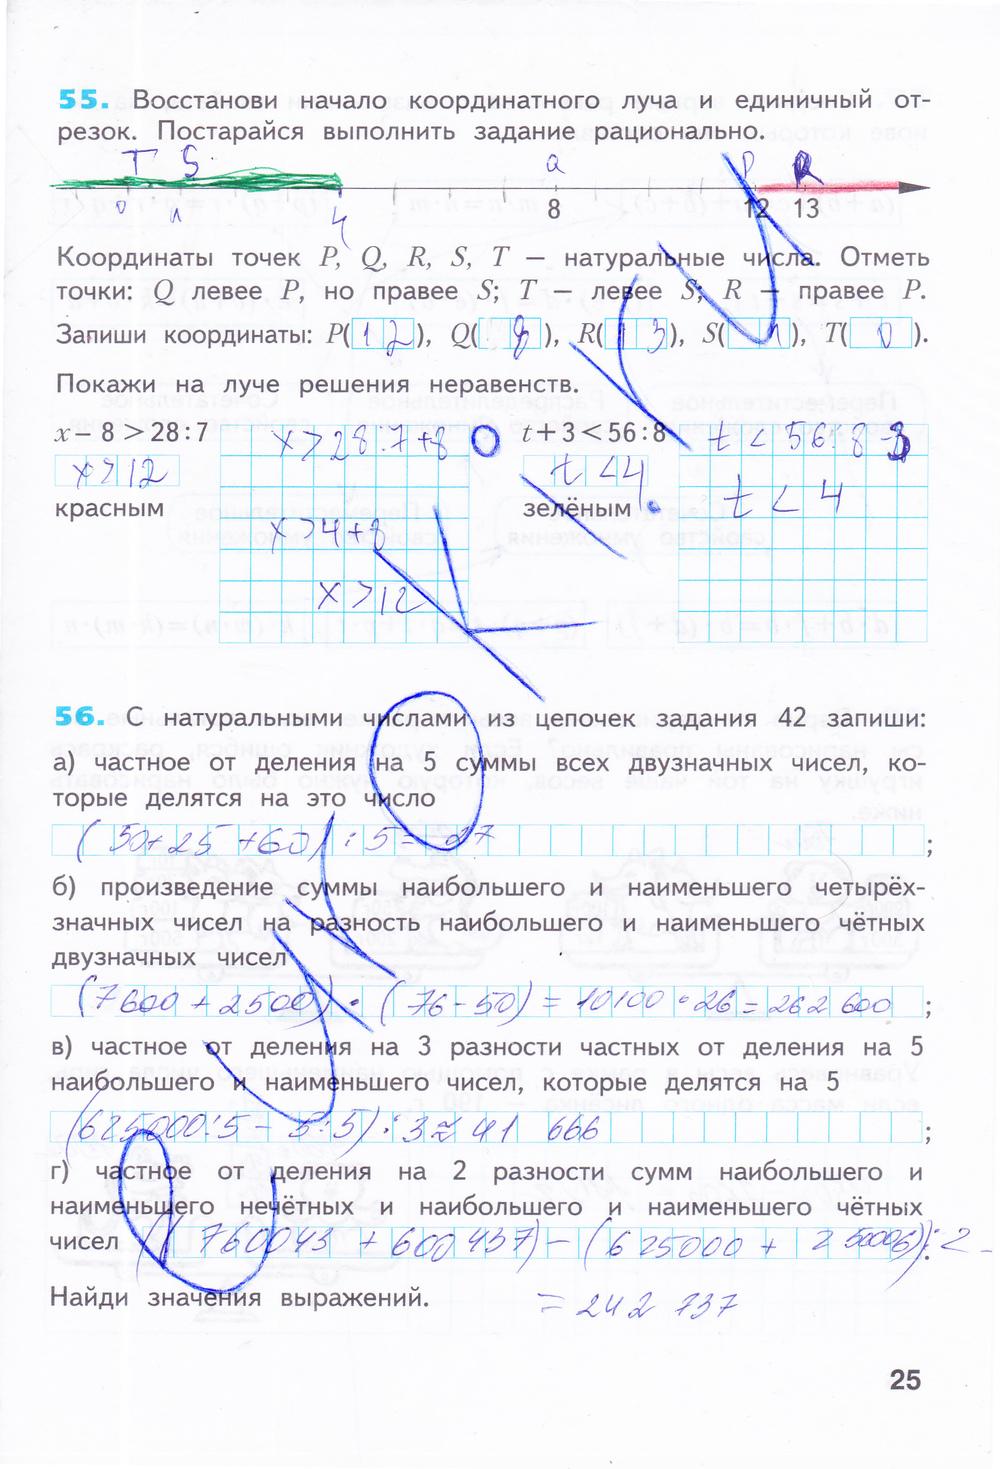 Решебник по математике 4 класс печатная основа